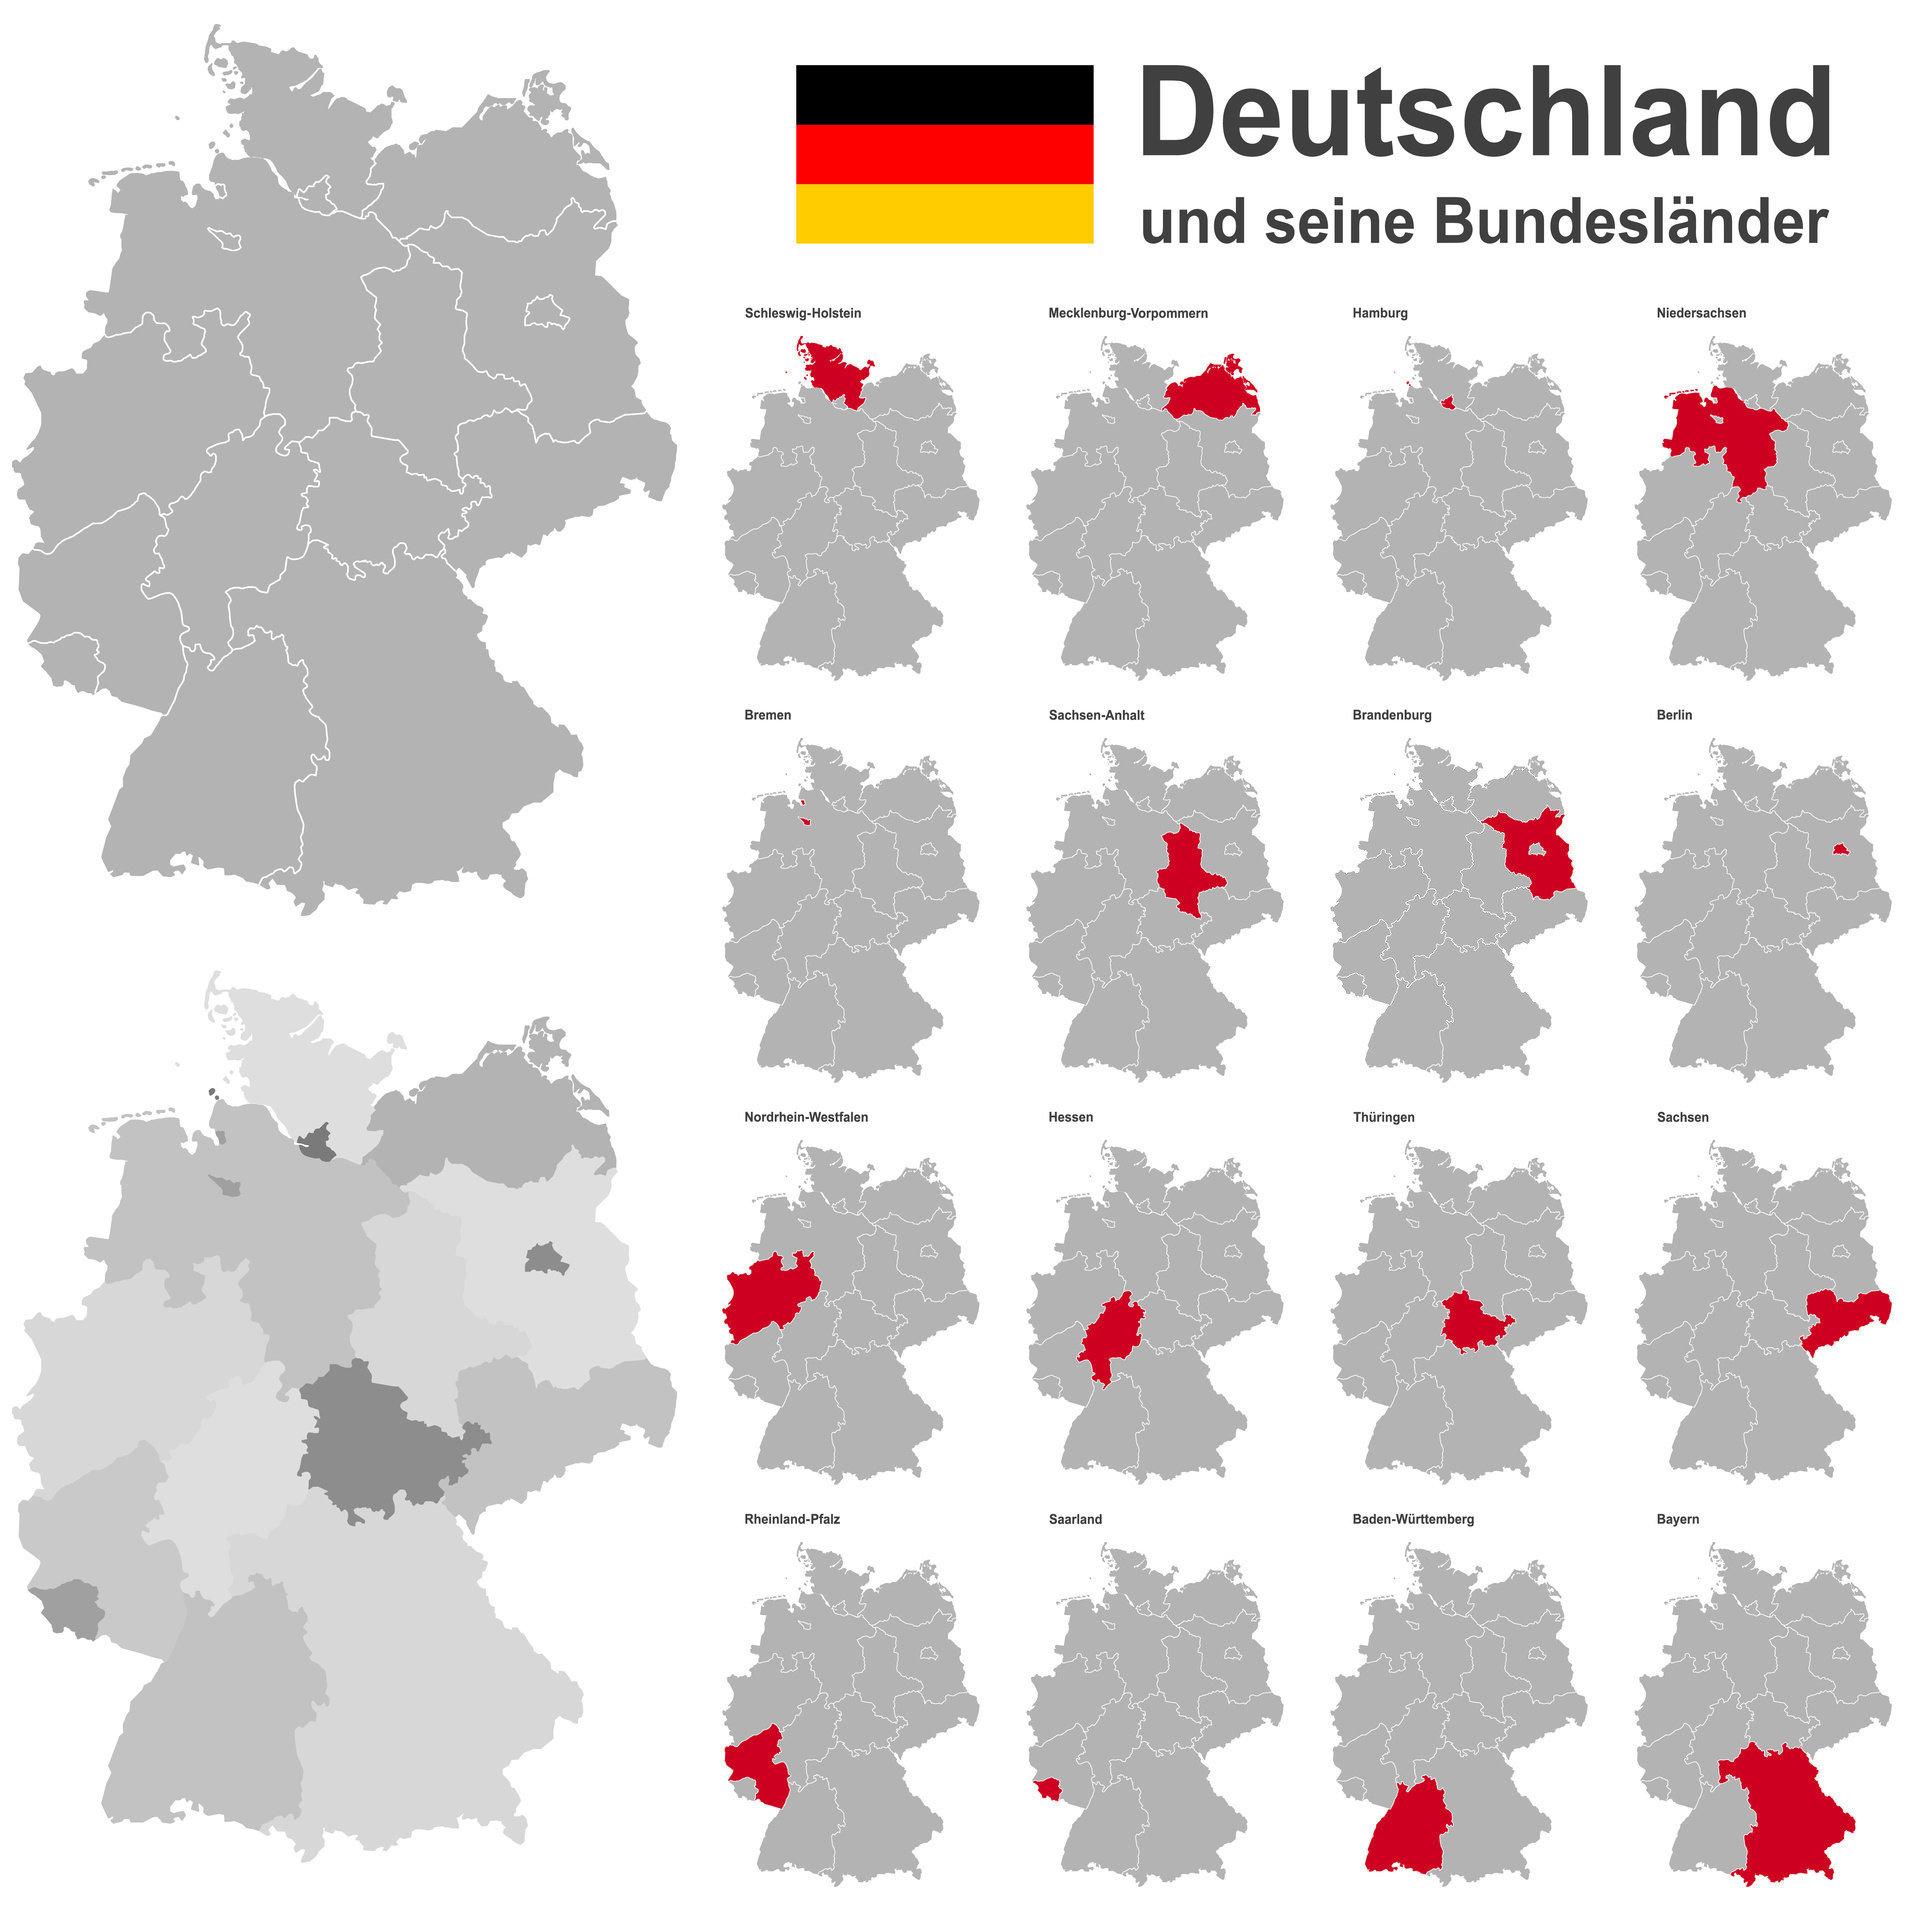 Wie Heißen Die 16 Bundesländer Von Deutschland Und Ihre verwandt mit Deutsche Bundesländer Mit Hauptstädten